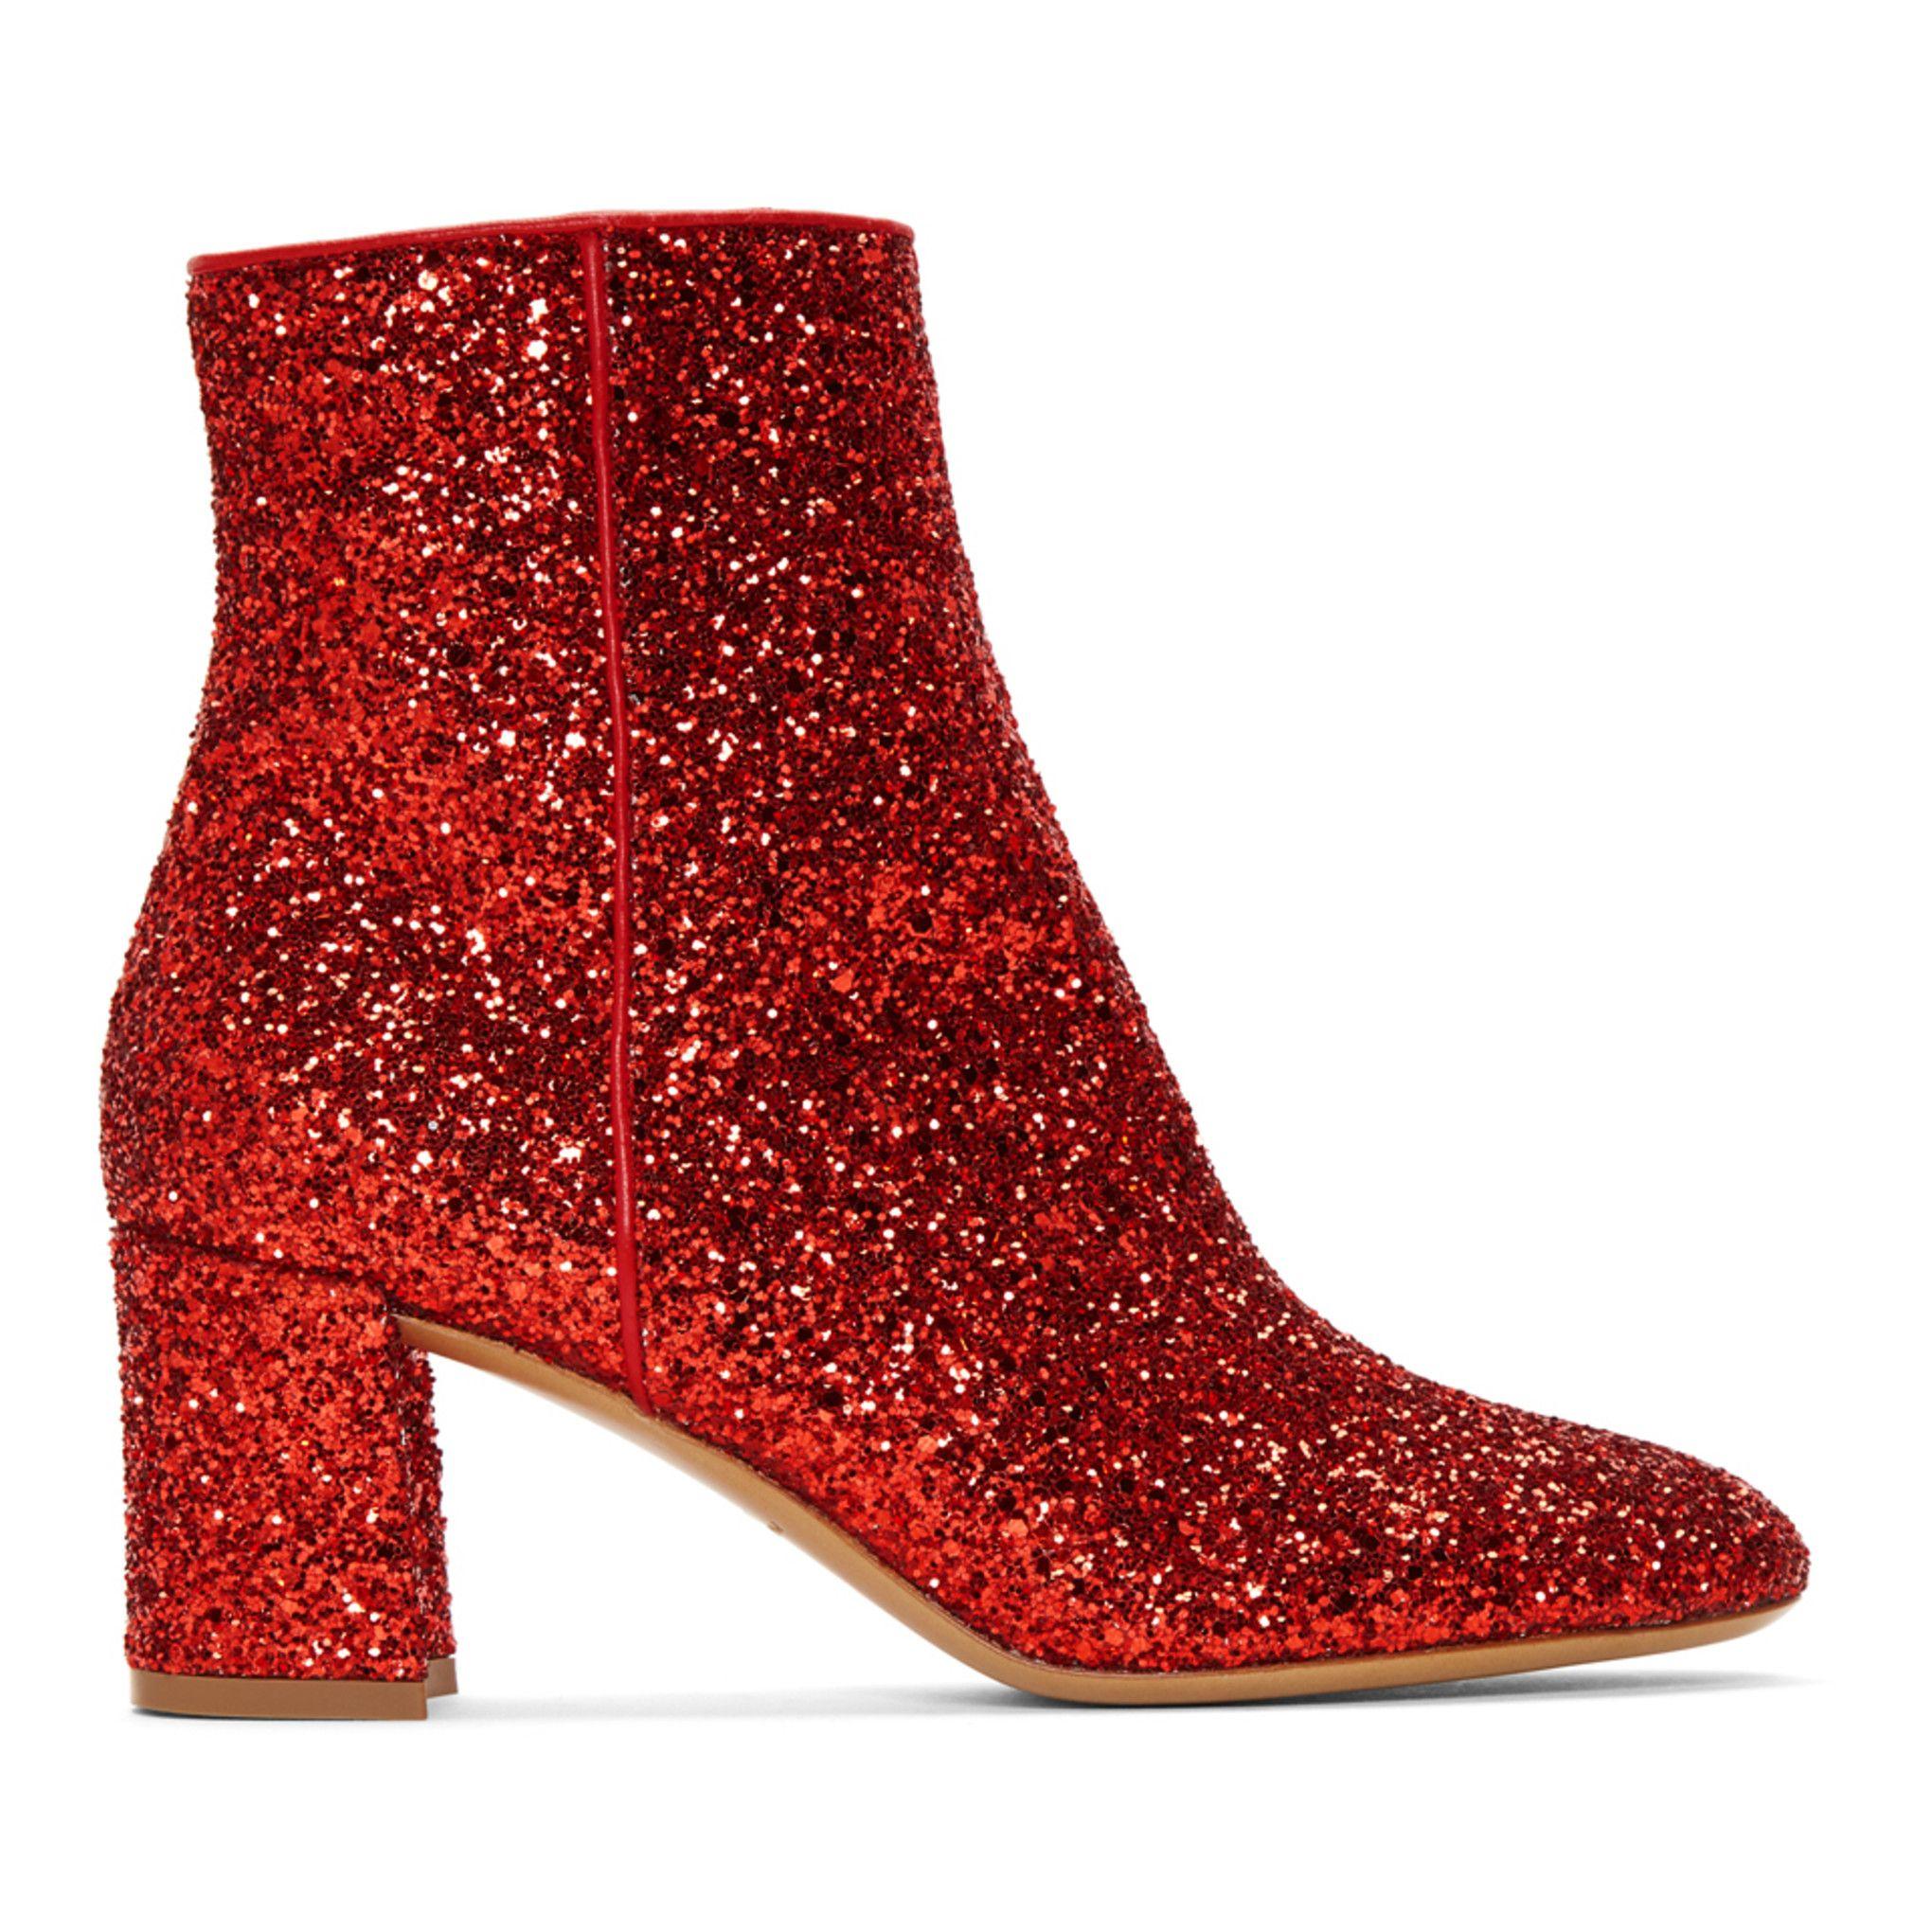 Mansur Gavriel - Red Glitter Boots